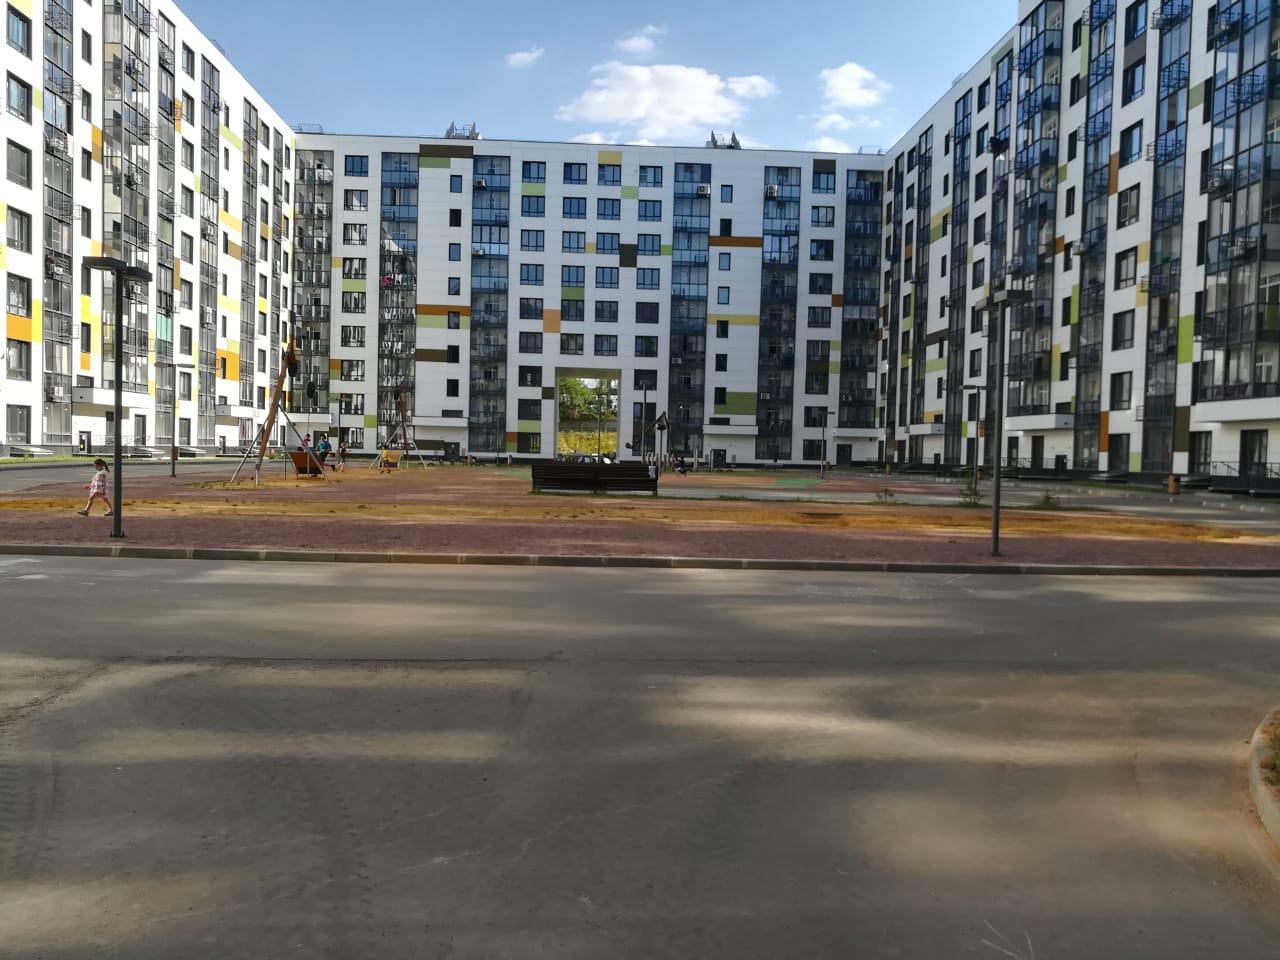 Квартира на продажу по адресу Россия, Московская область, Ленинский район, Молоково, Ново-Молоковский бульвар, 4